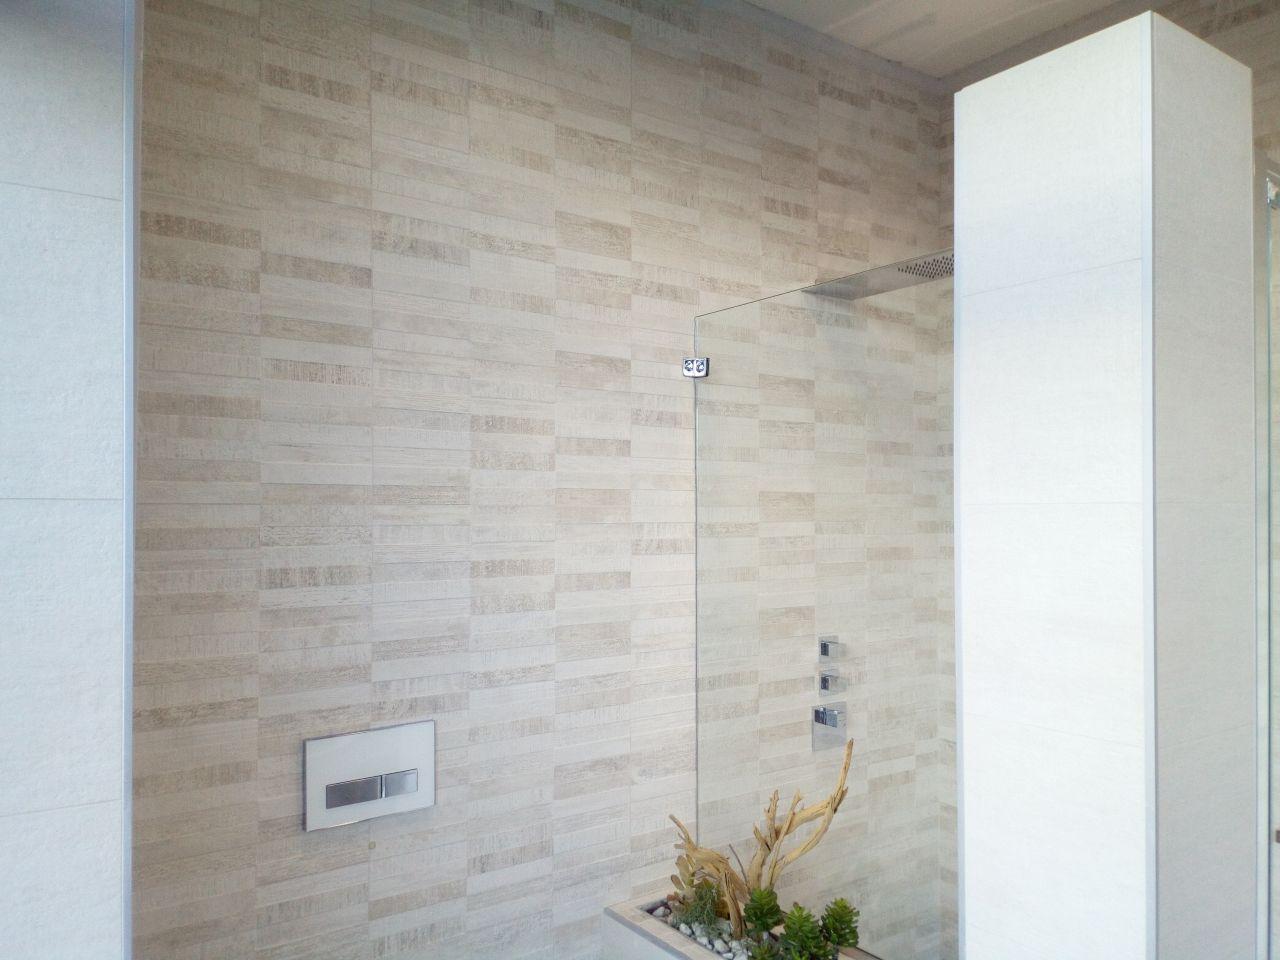 Deuxième faïence salle de bain qui sera sur le mur dernière la future baignoire